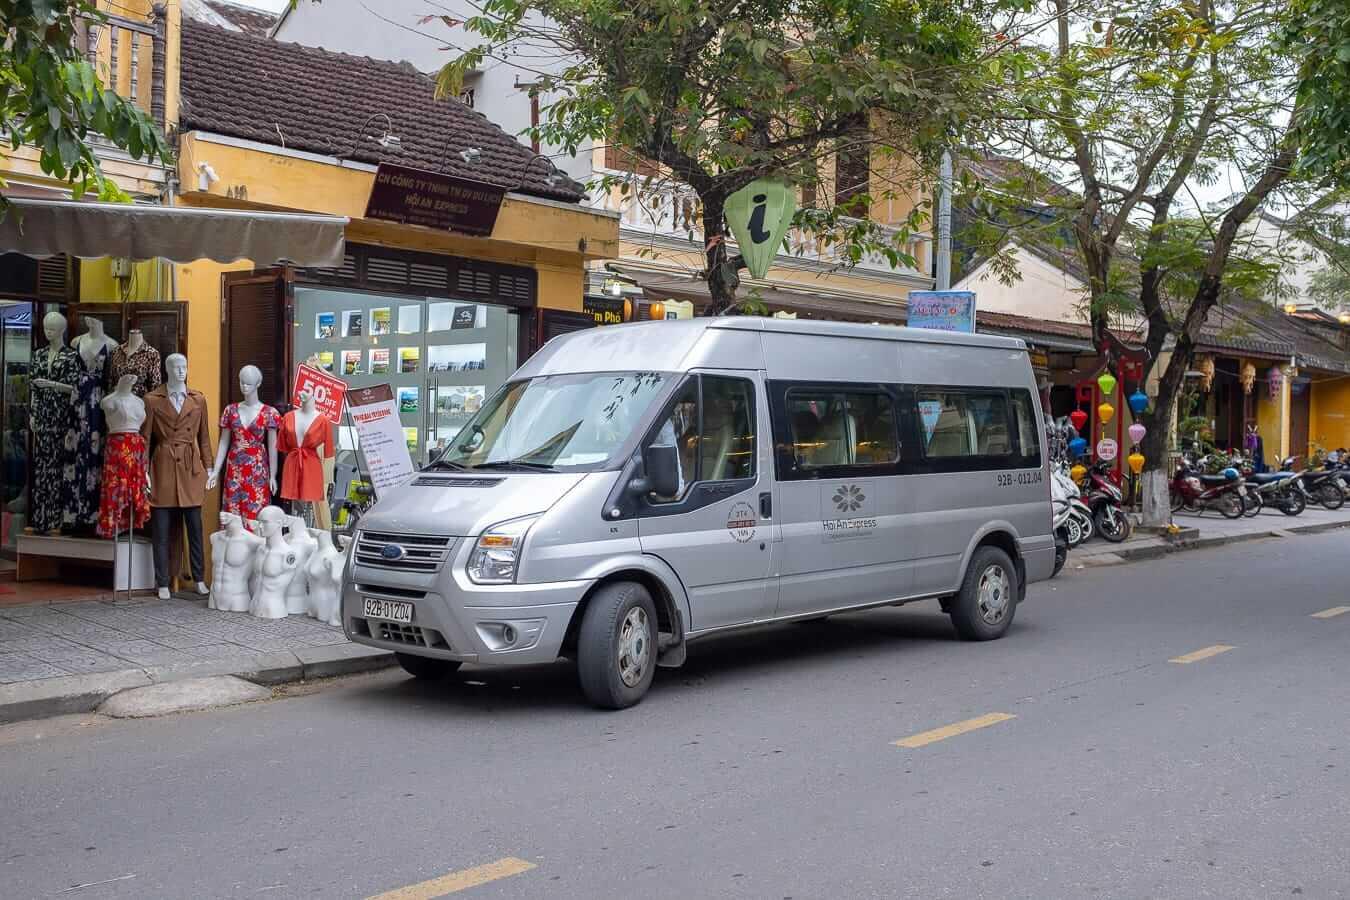 Hoi An Express mini bus: Hoi An bus station